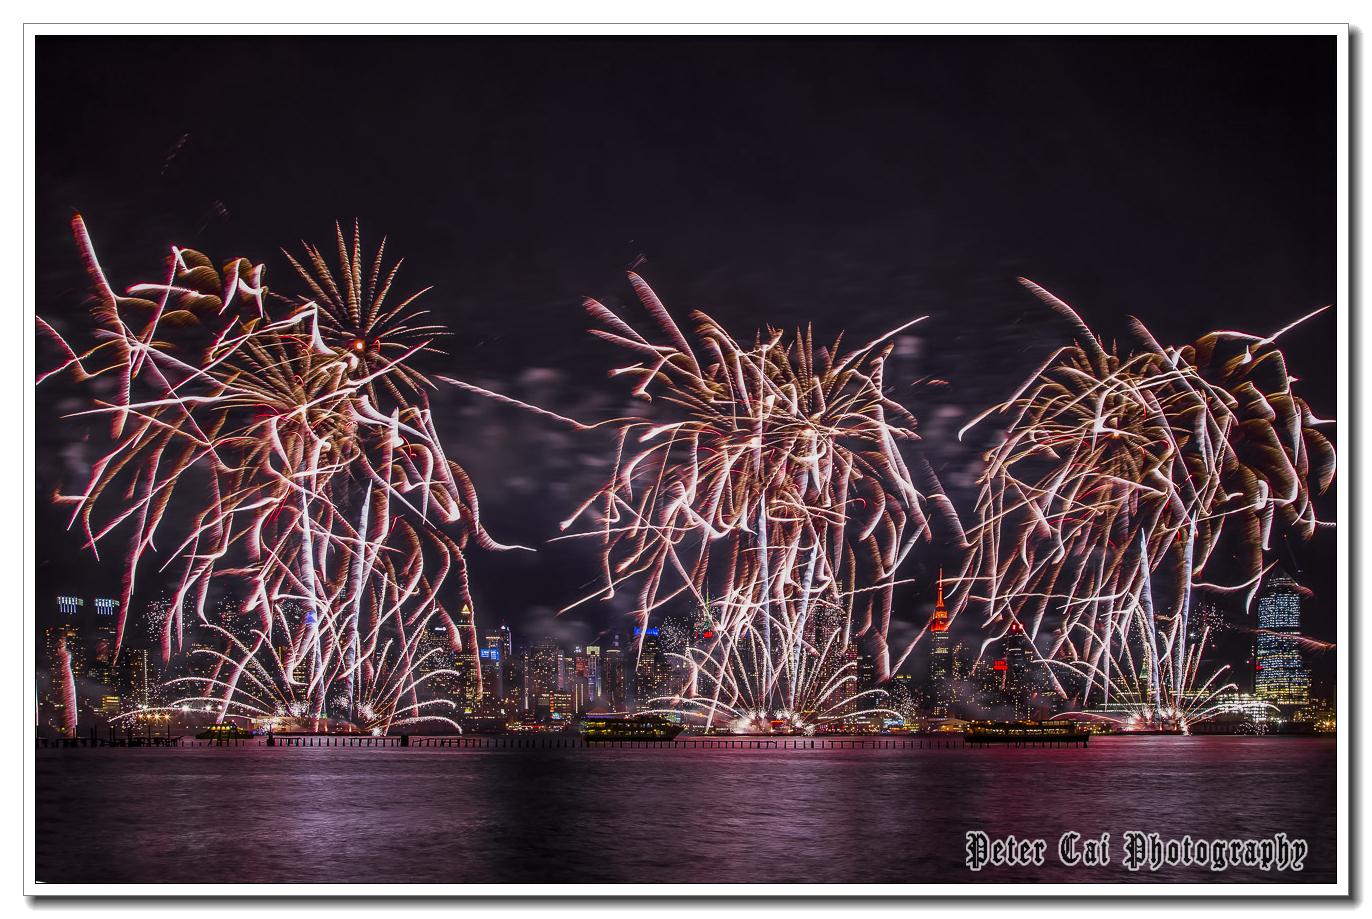 昨晚纽约施放焰火来庆祝中国猴年_图1-13